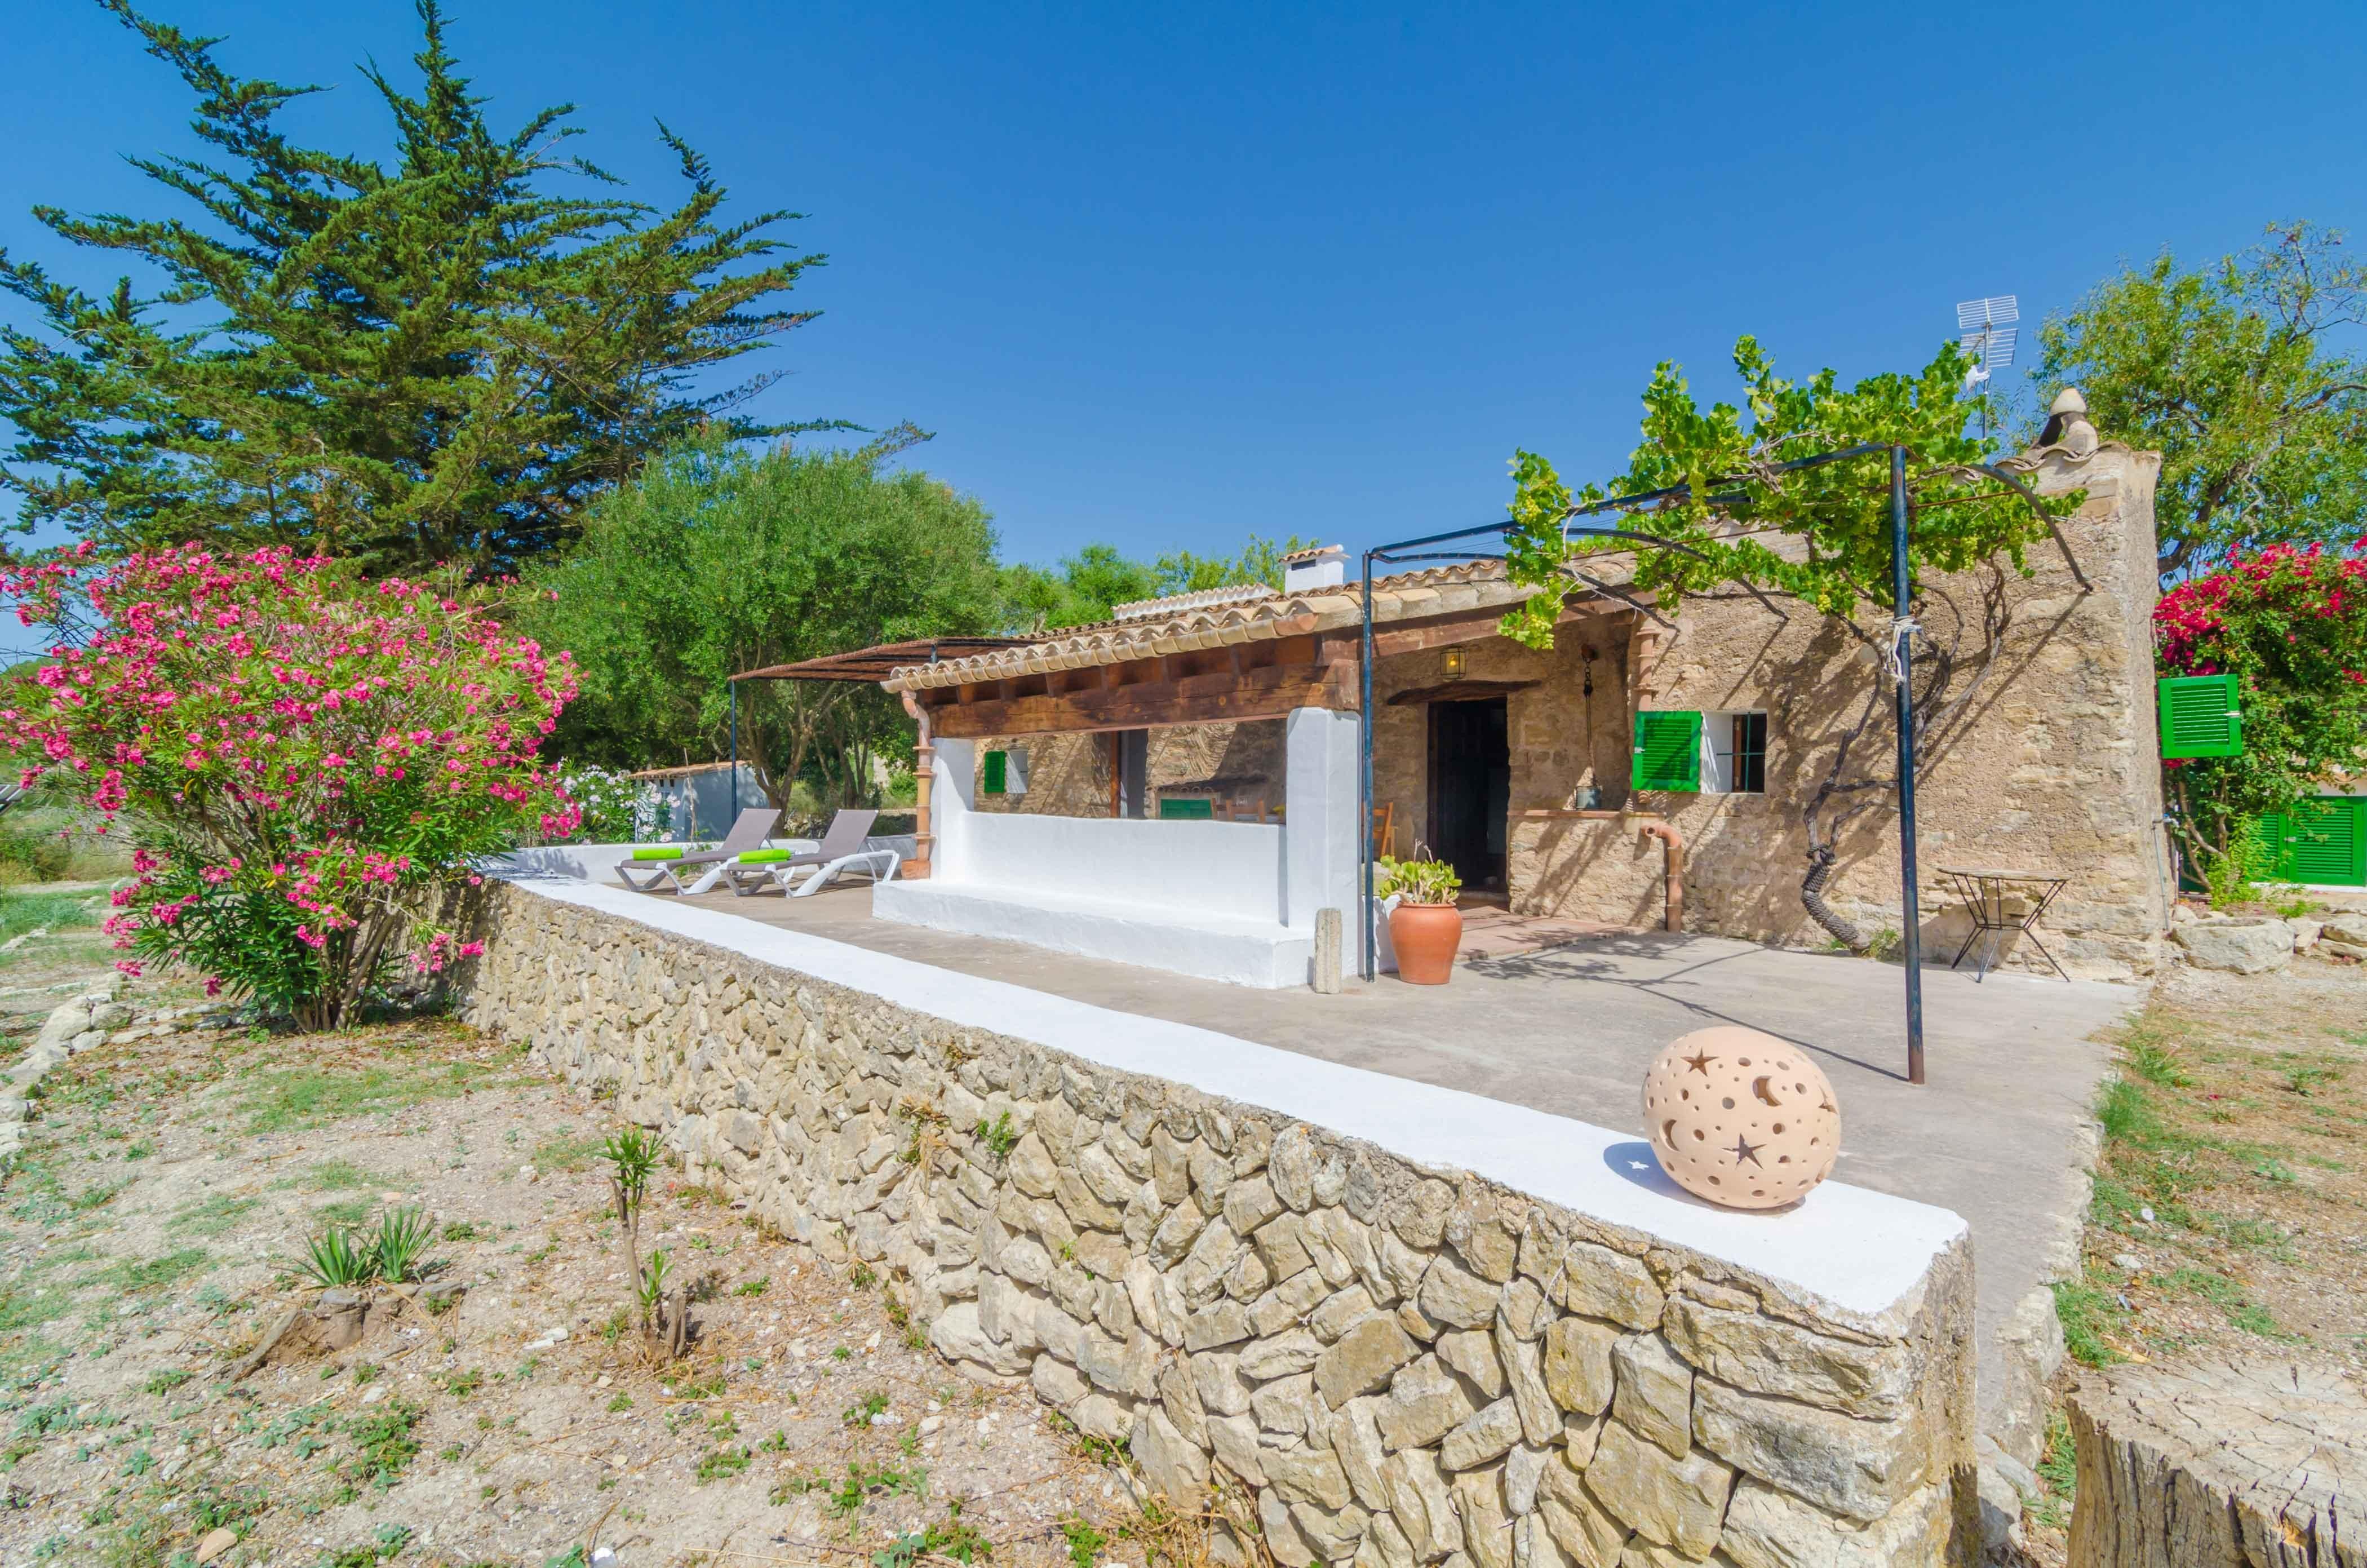 Ferienhaus CAS PORRERENC (2241637), Montuïri, Mallorca, Balearische Inseln, Spanien, Bild 5